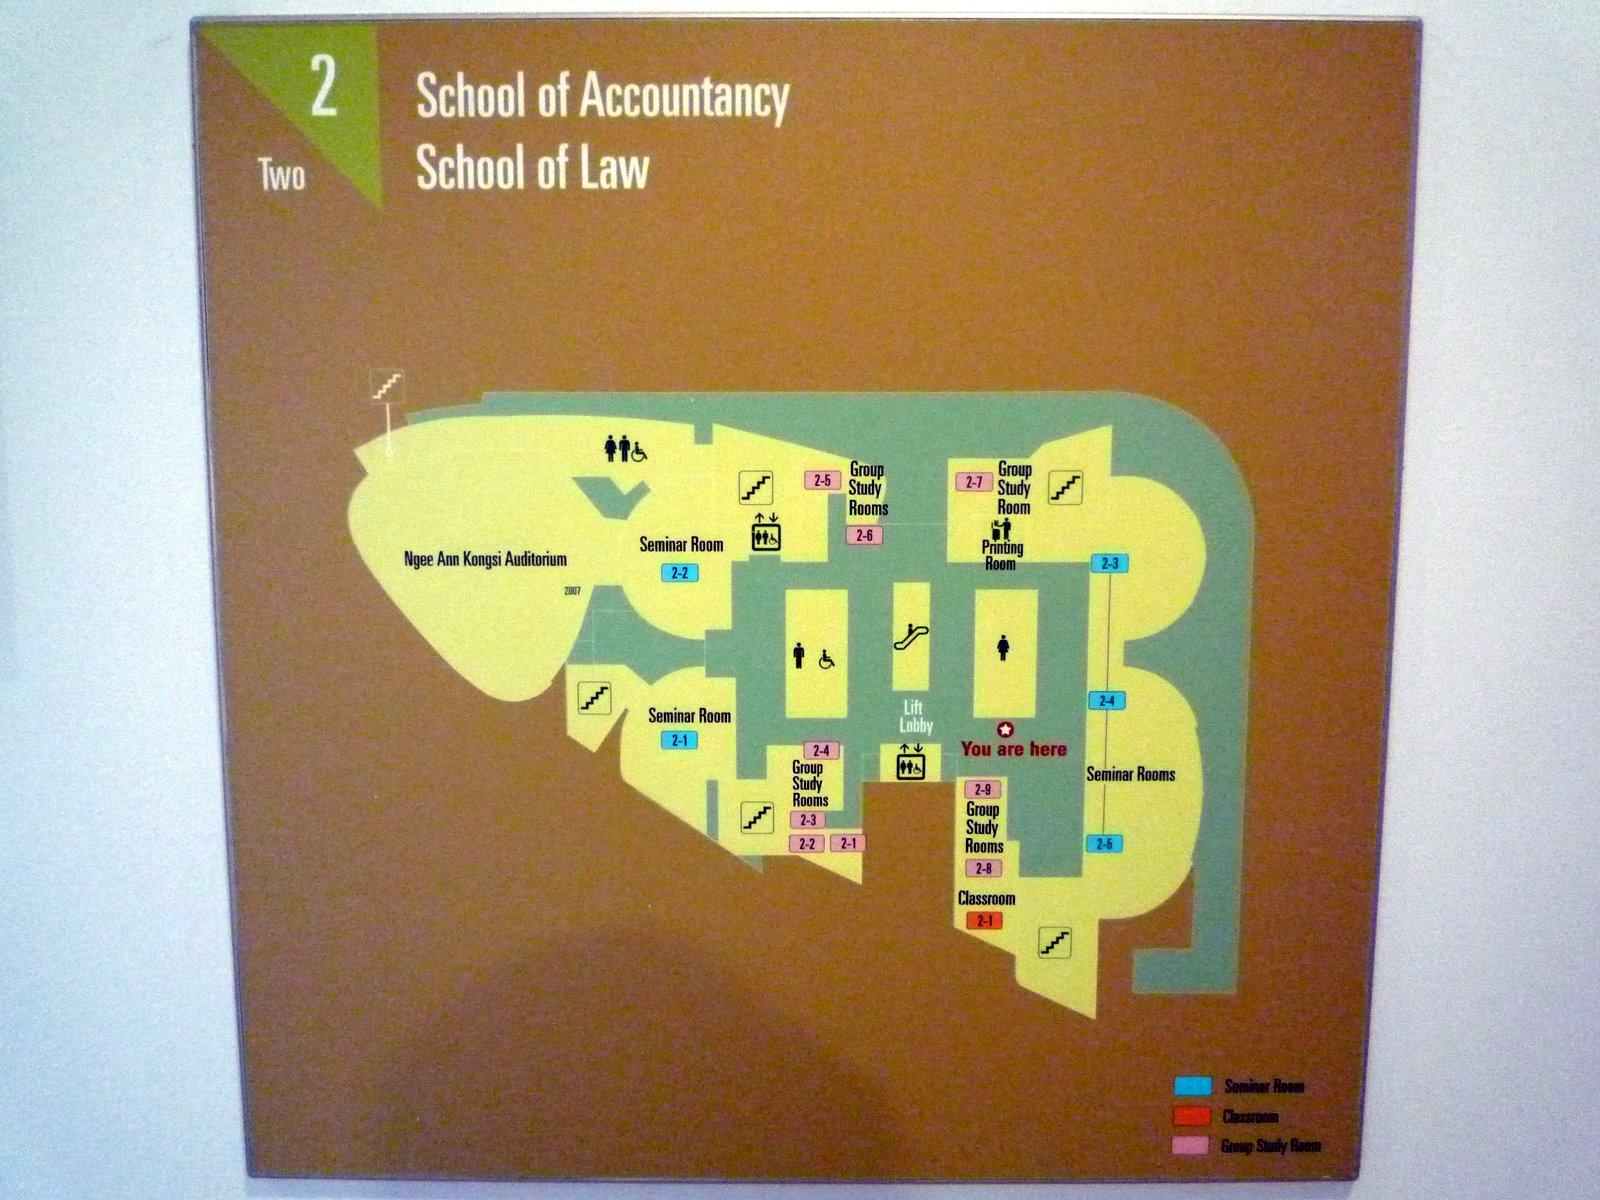 Smu Law Room Reservation